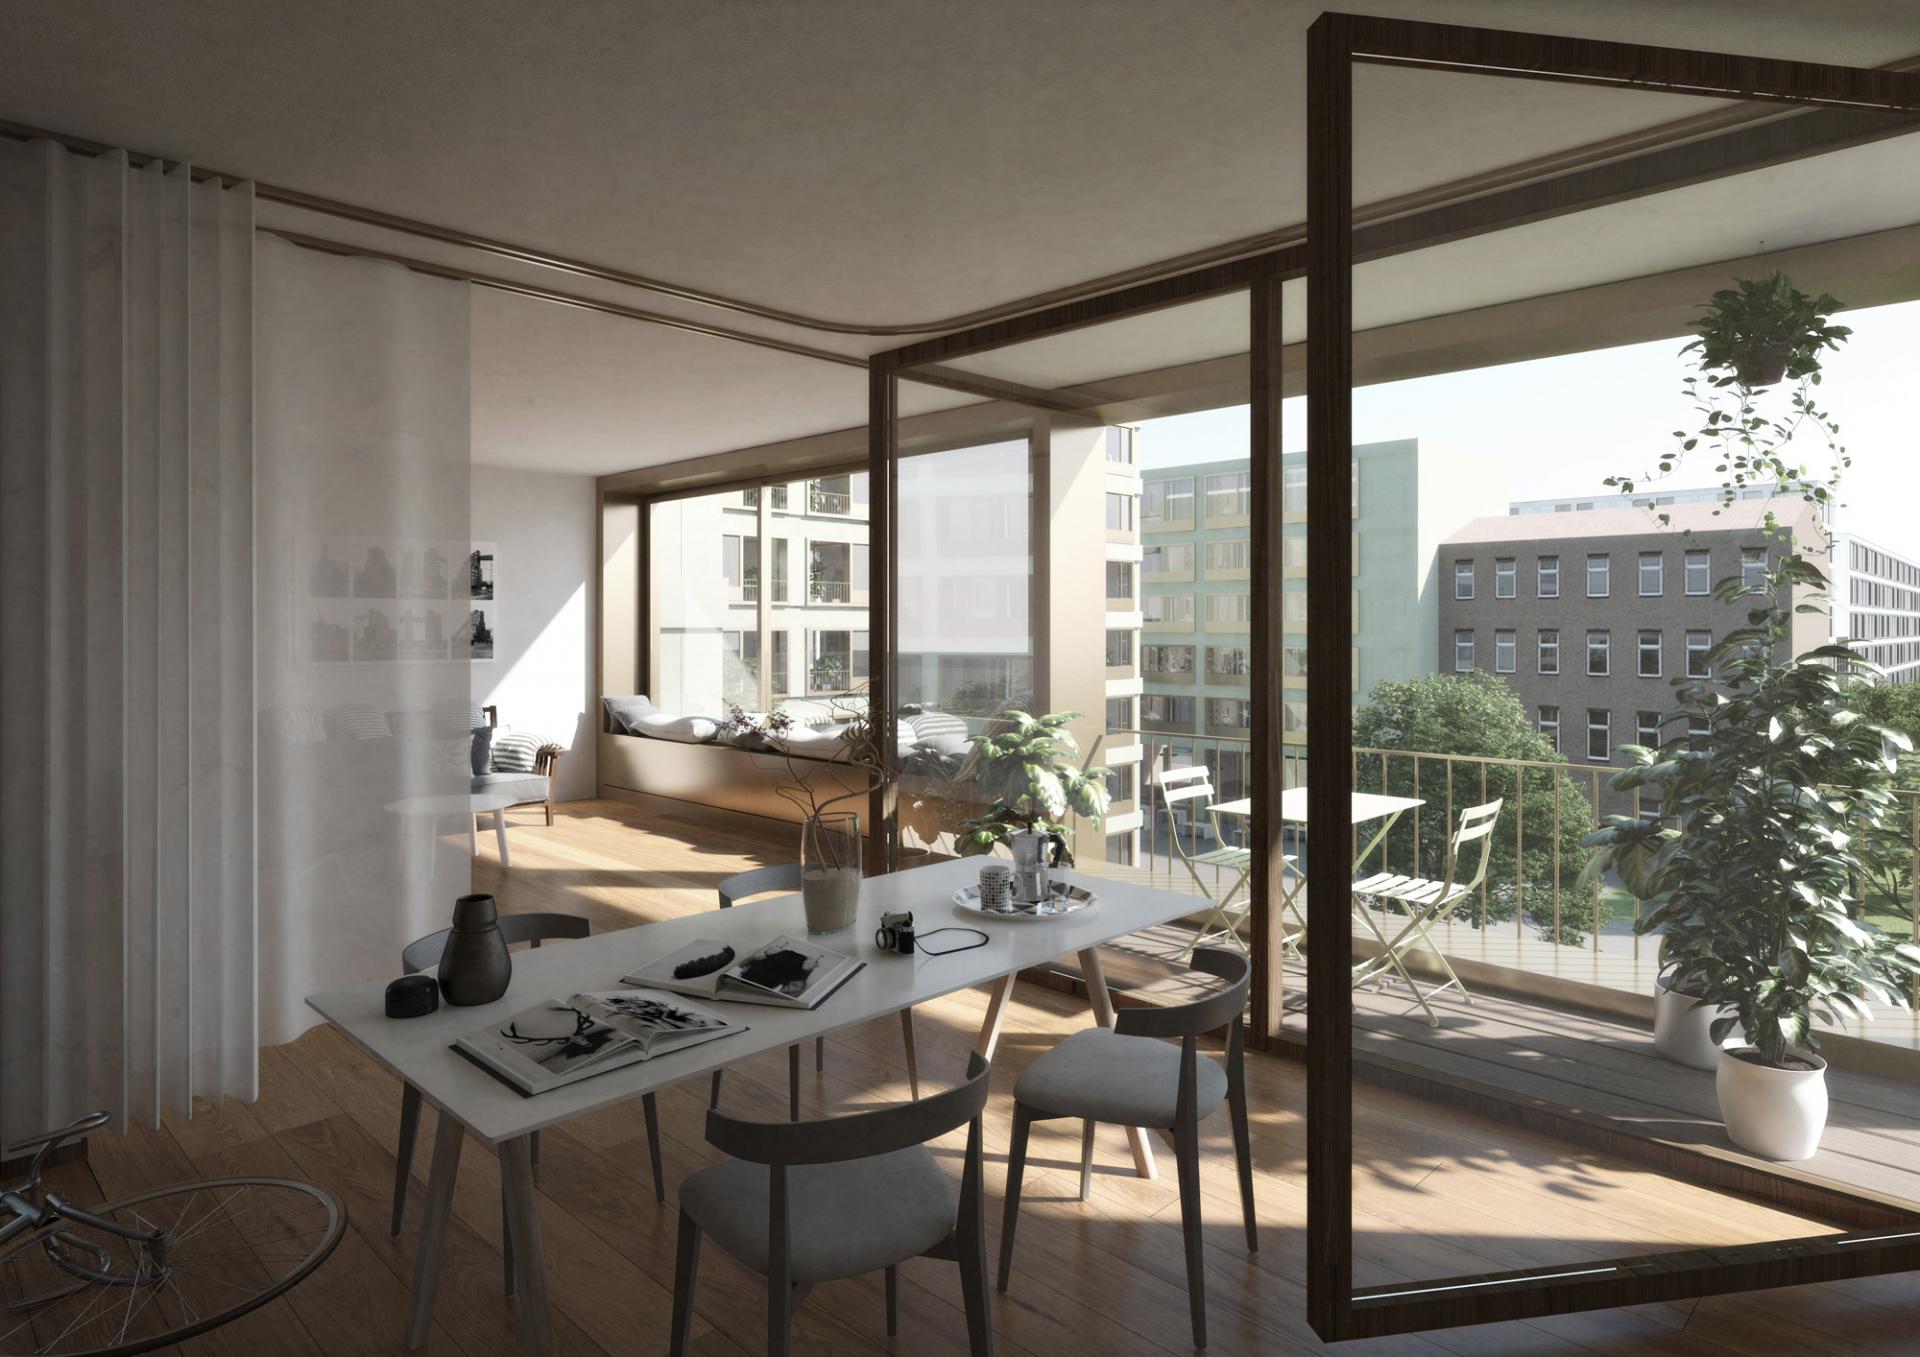 Schenker Salvi Weber Wohnbebauung Heidestraße Berlin